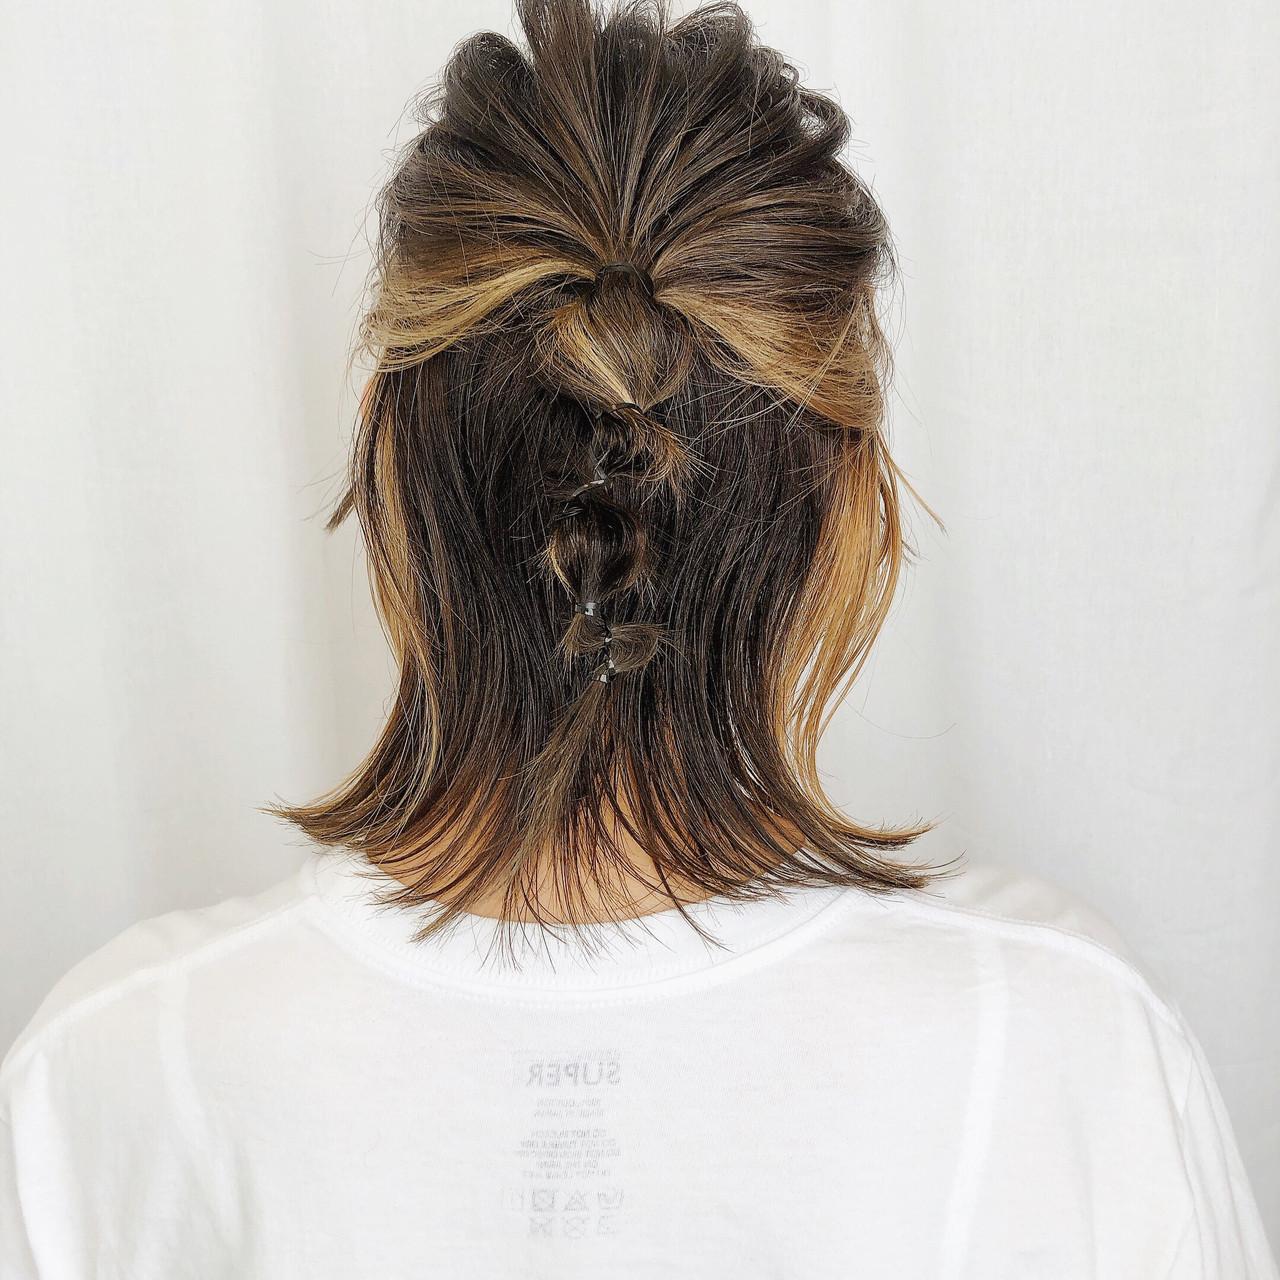 ナチュラル 簡単ヘアアレンジ ウルフカット インナーカラー ヘアスタイルや髪型の写真・画像